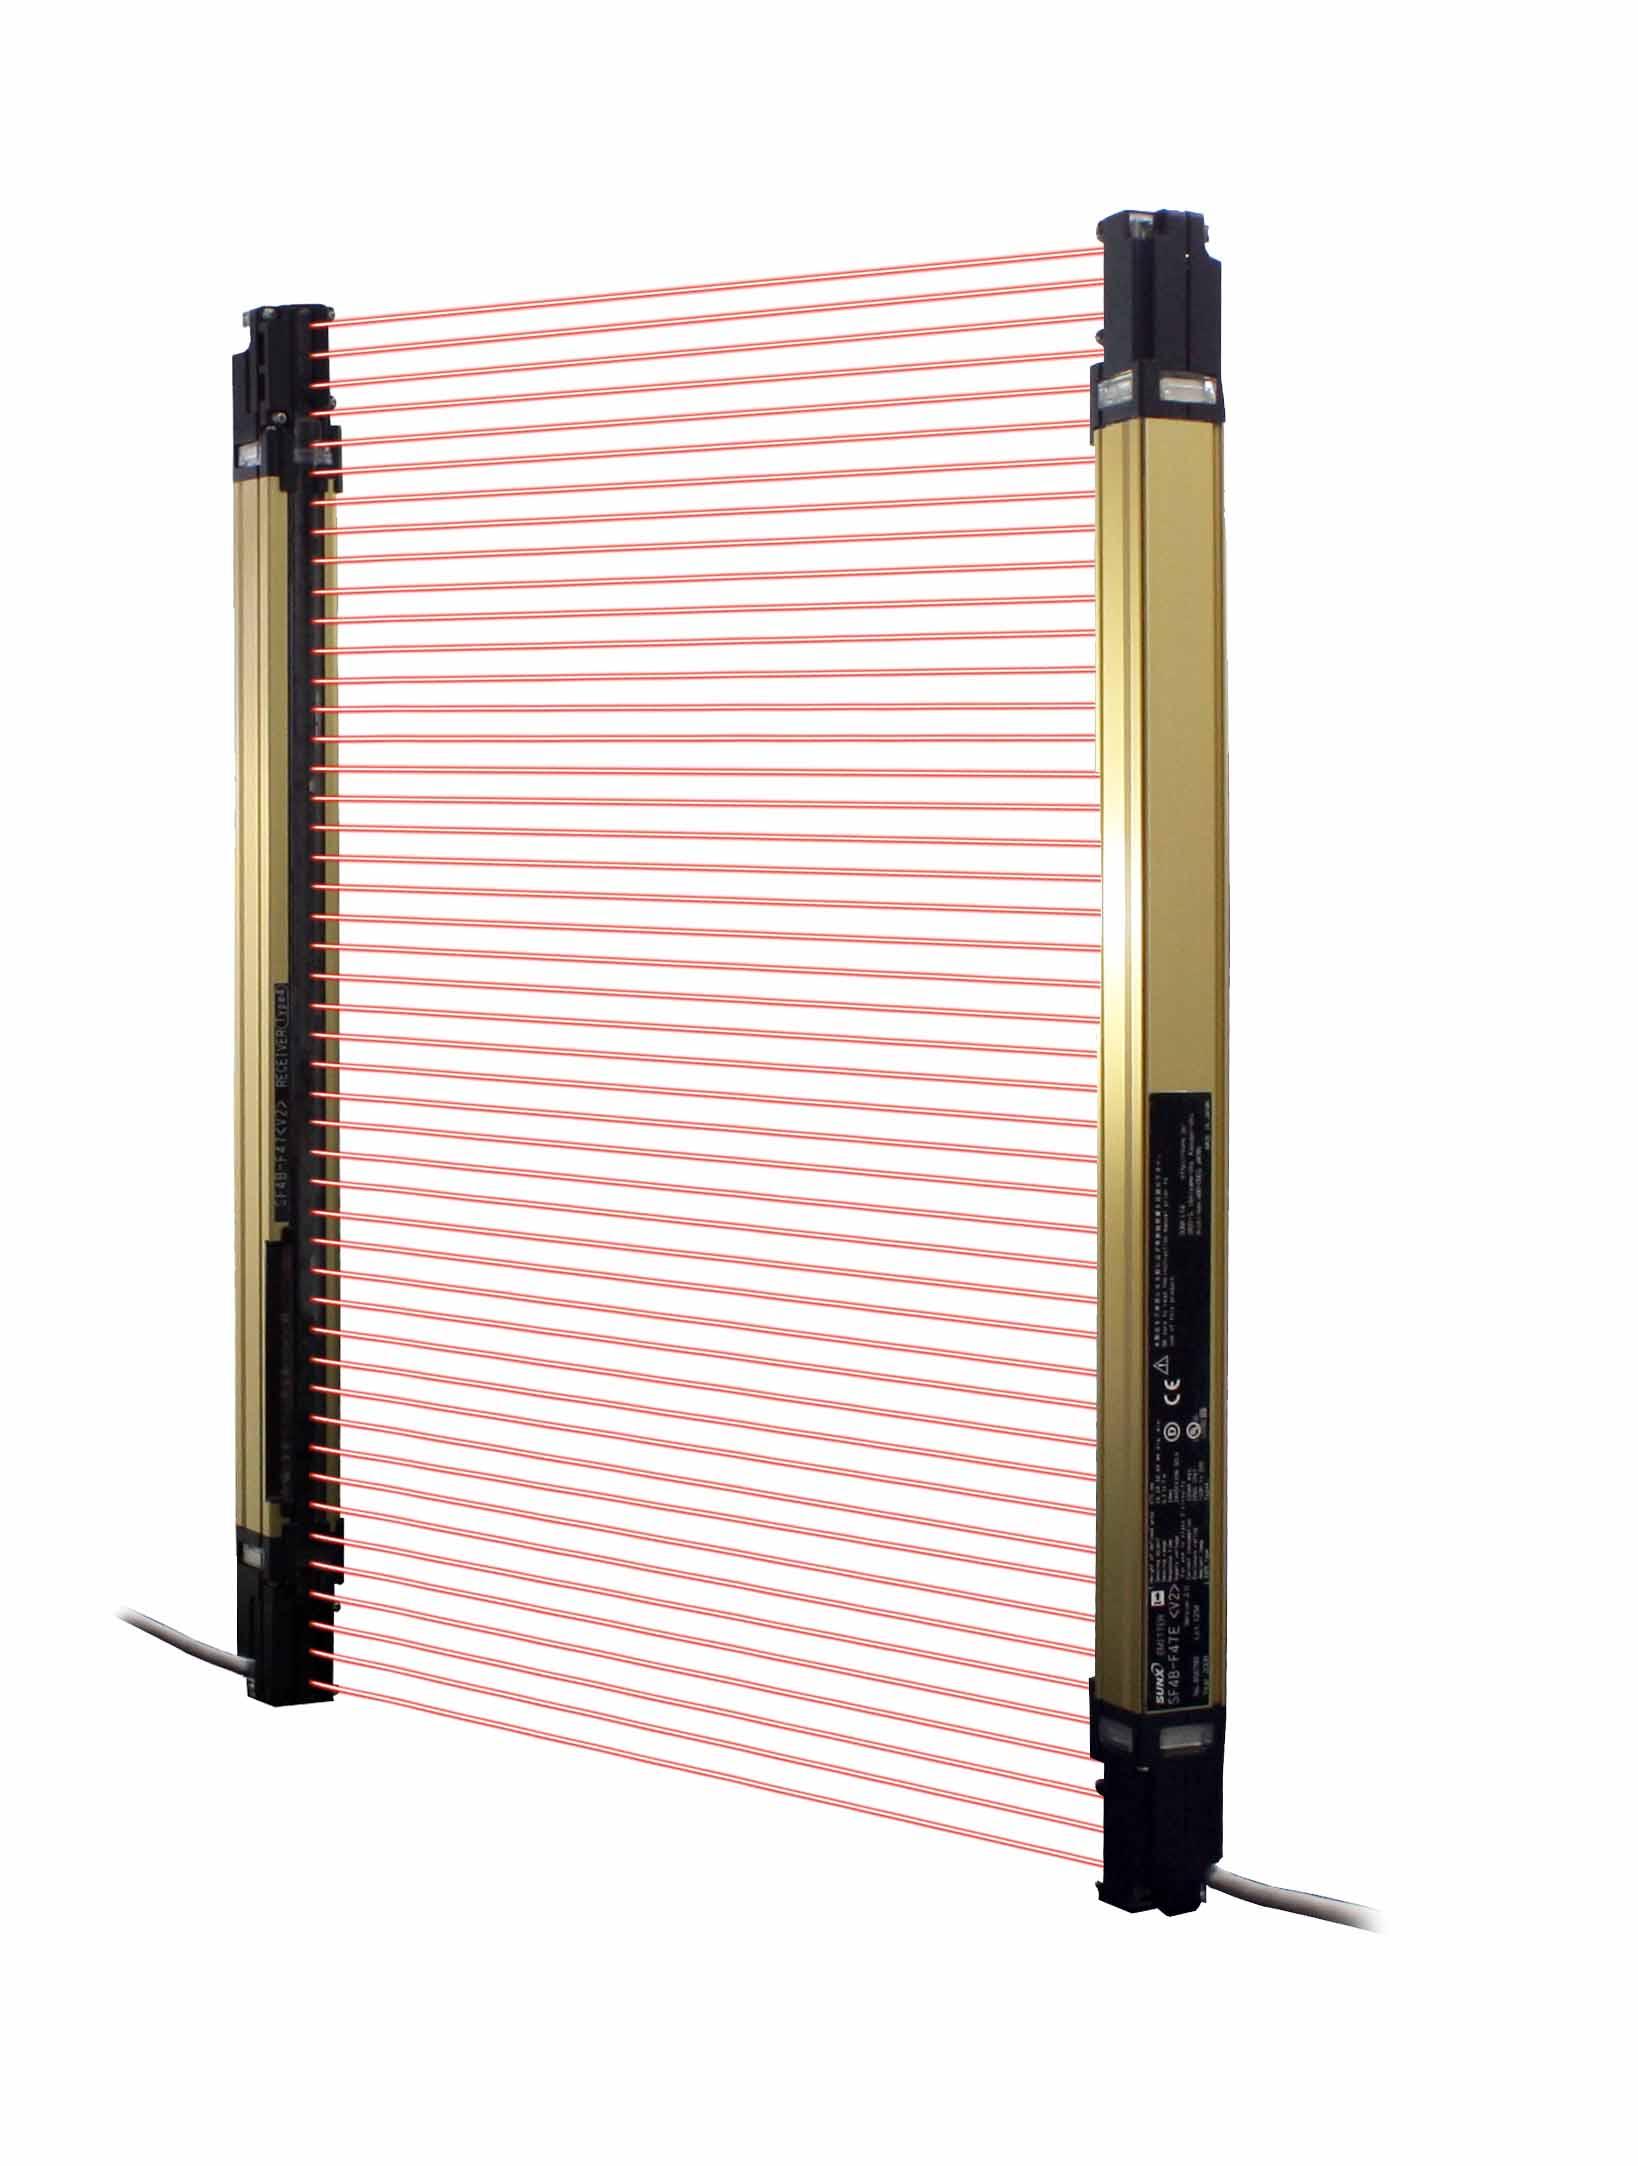 Panasonic / SUNX SF4B  SERIES ม่านแสงนิรภัย Type  4